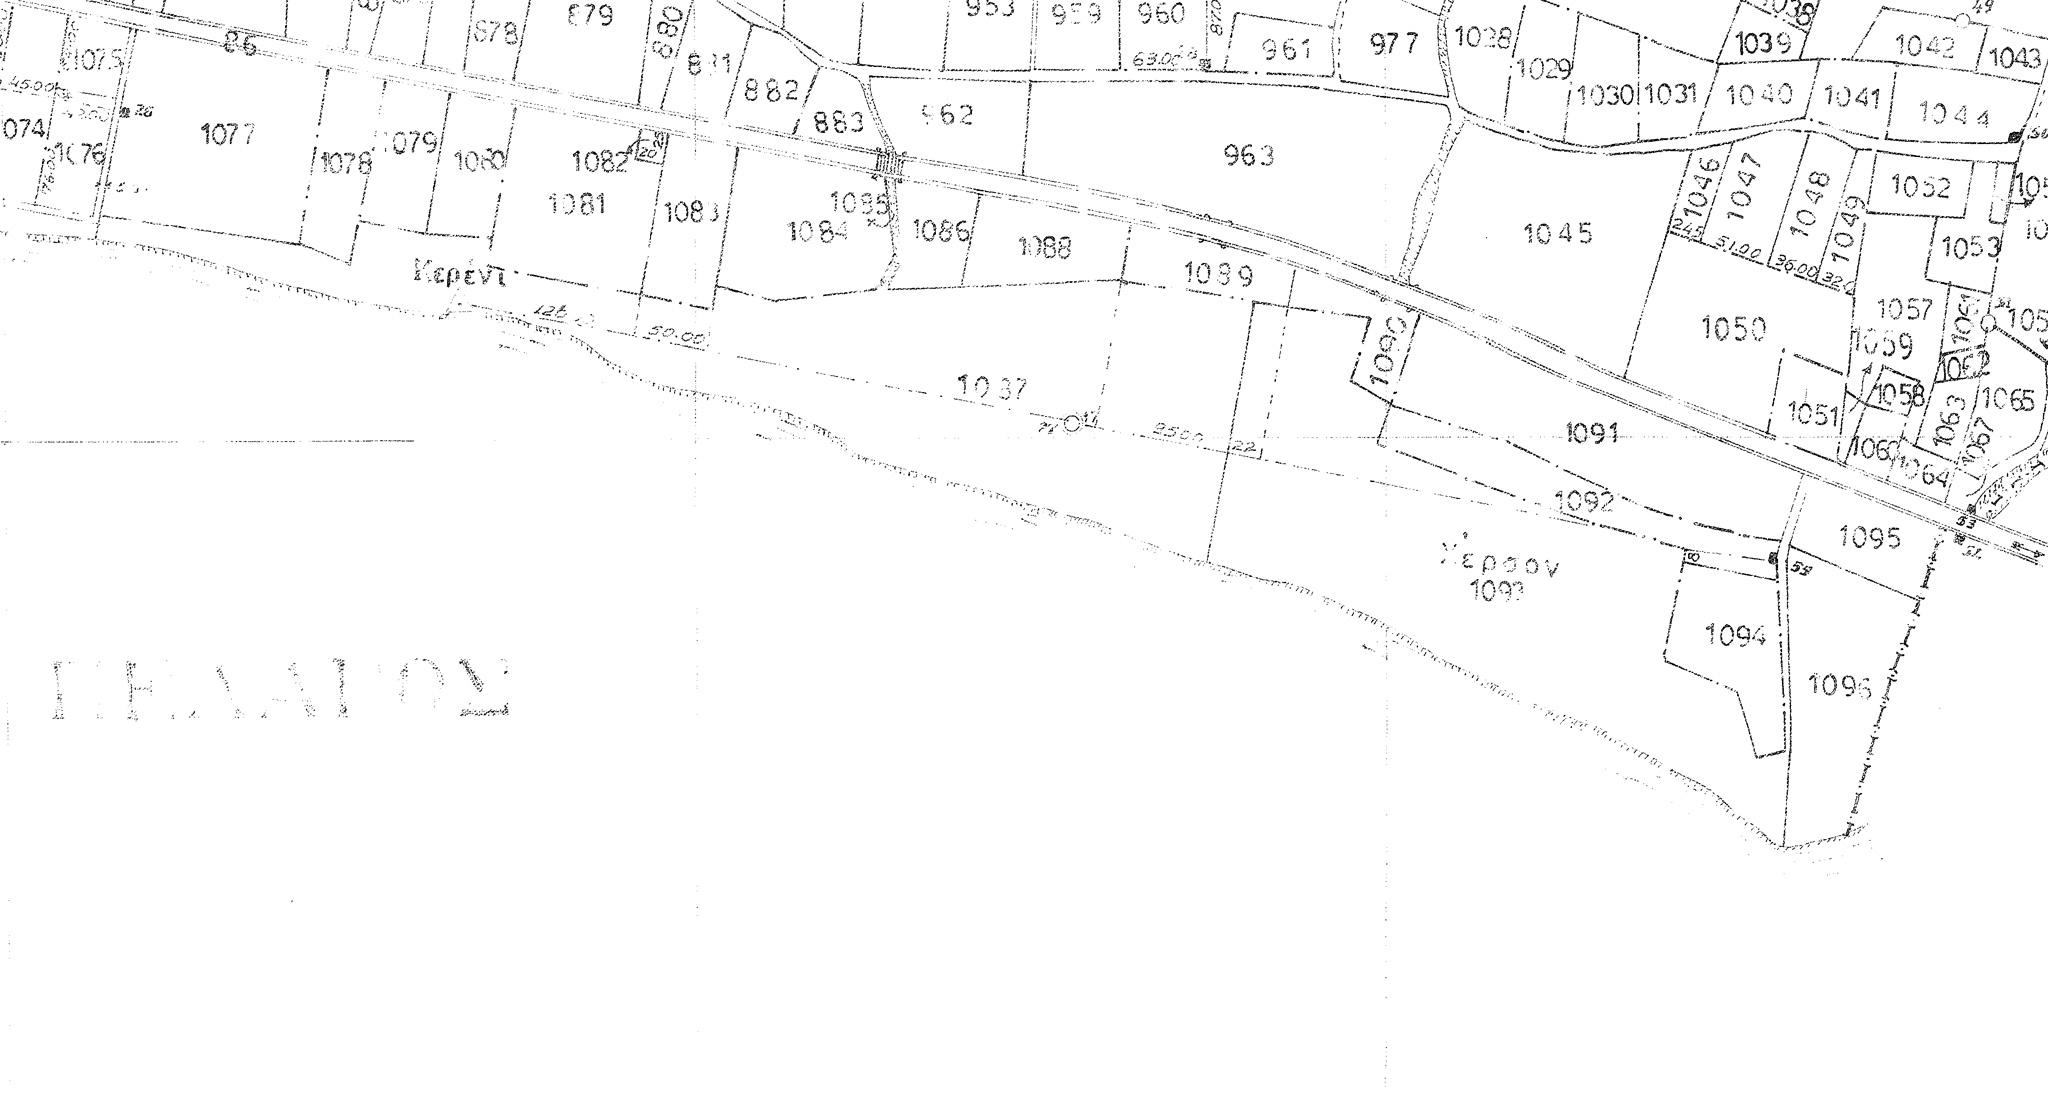 Αγρόκτημα 1087 στο 1ο χλμ Αλεξ/πολης-Μάκρης